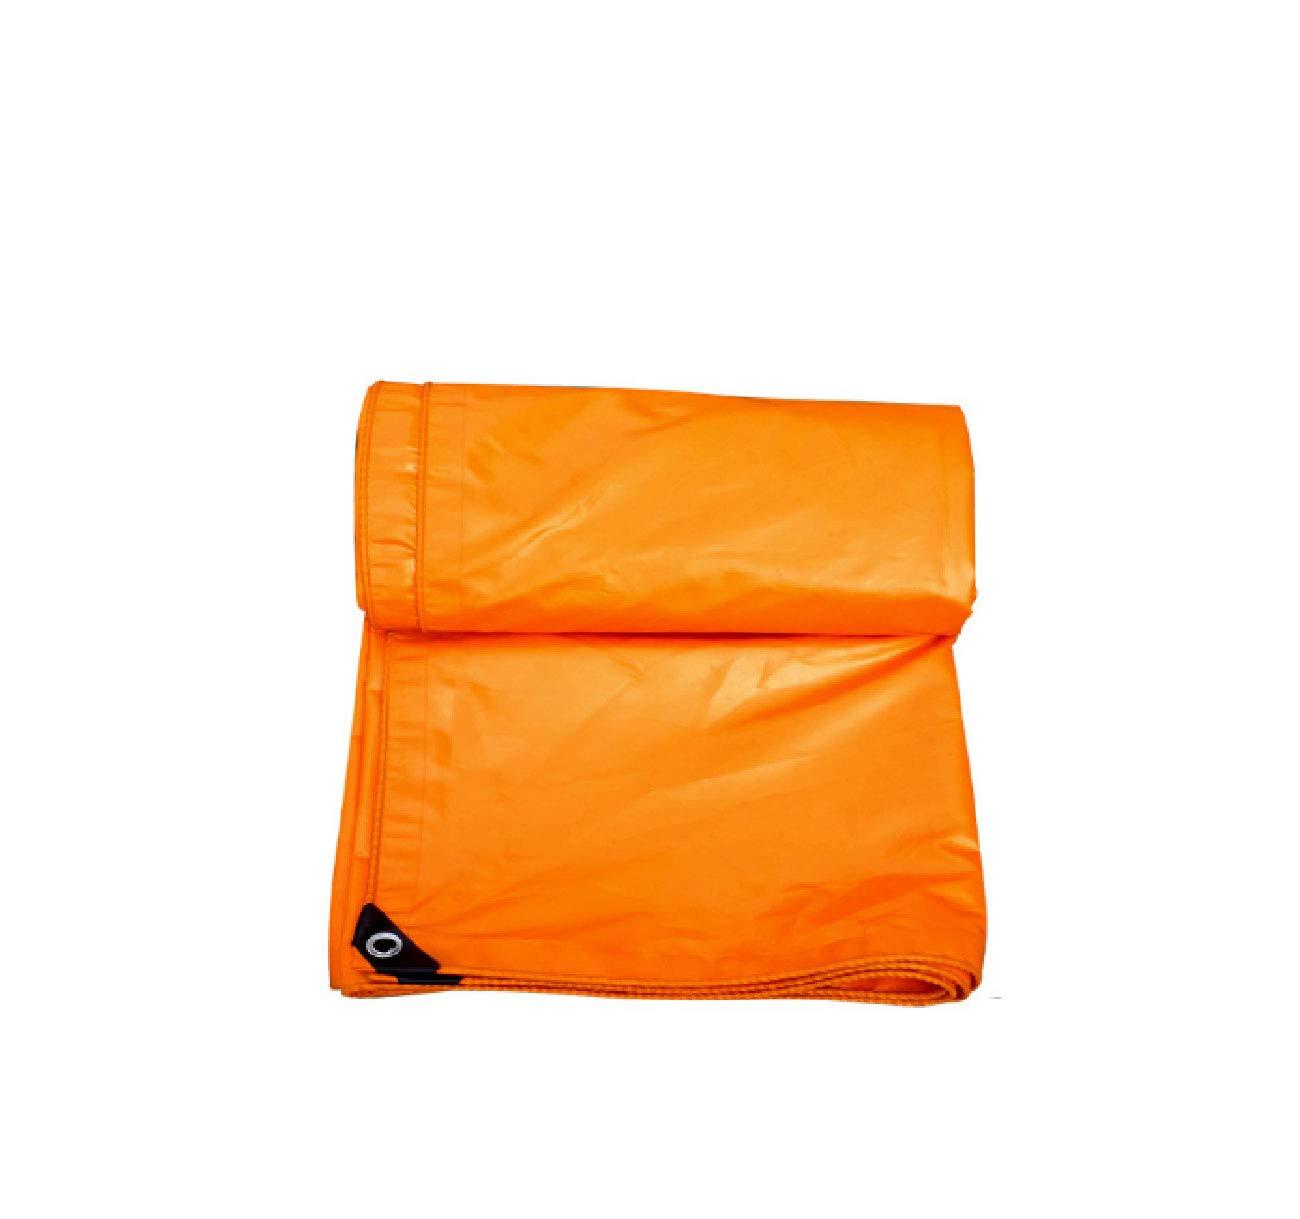 Wrewteyu Plane, Plane wasserdicht Sonnencreme Dicke gelbe Outdoor-Markise Tuch Zelt Sonnenschirm Leinwand Tuch Lappen Tuch eine Vielzahl von Größen